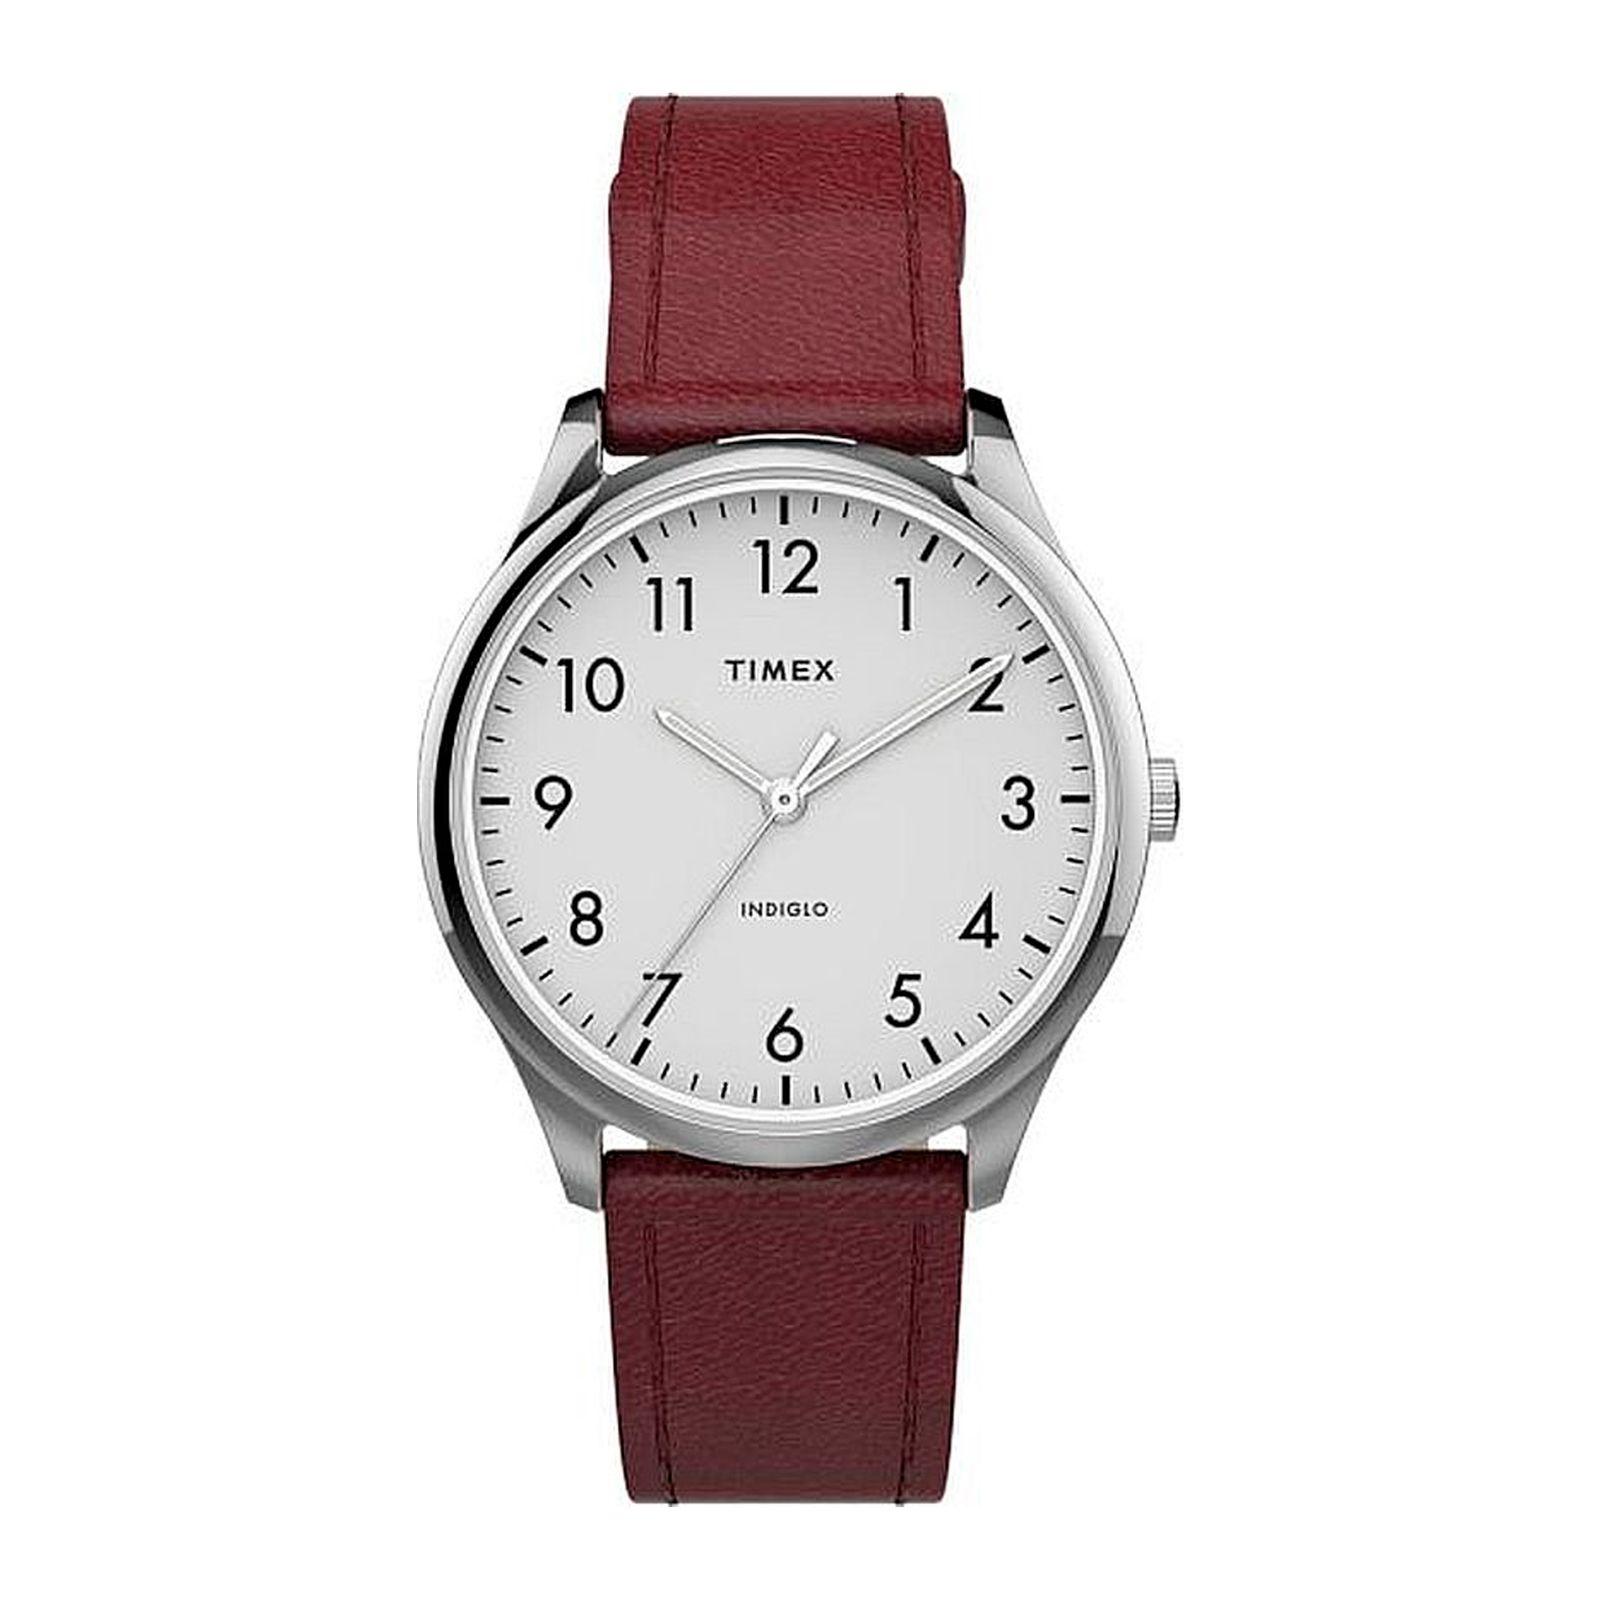 ساعت مچی عقربه ای مردانه تایمکس مدل TW2T72200 -  - 1